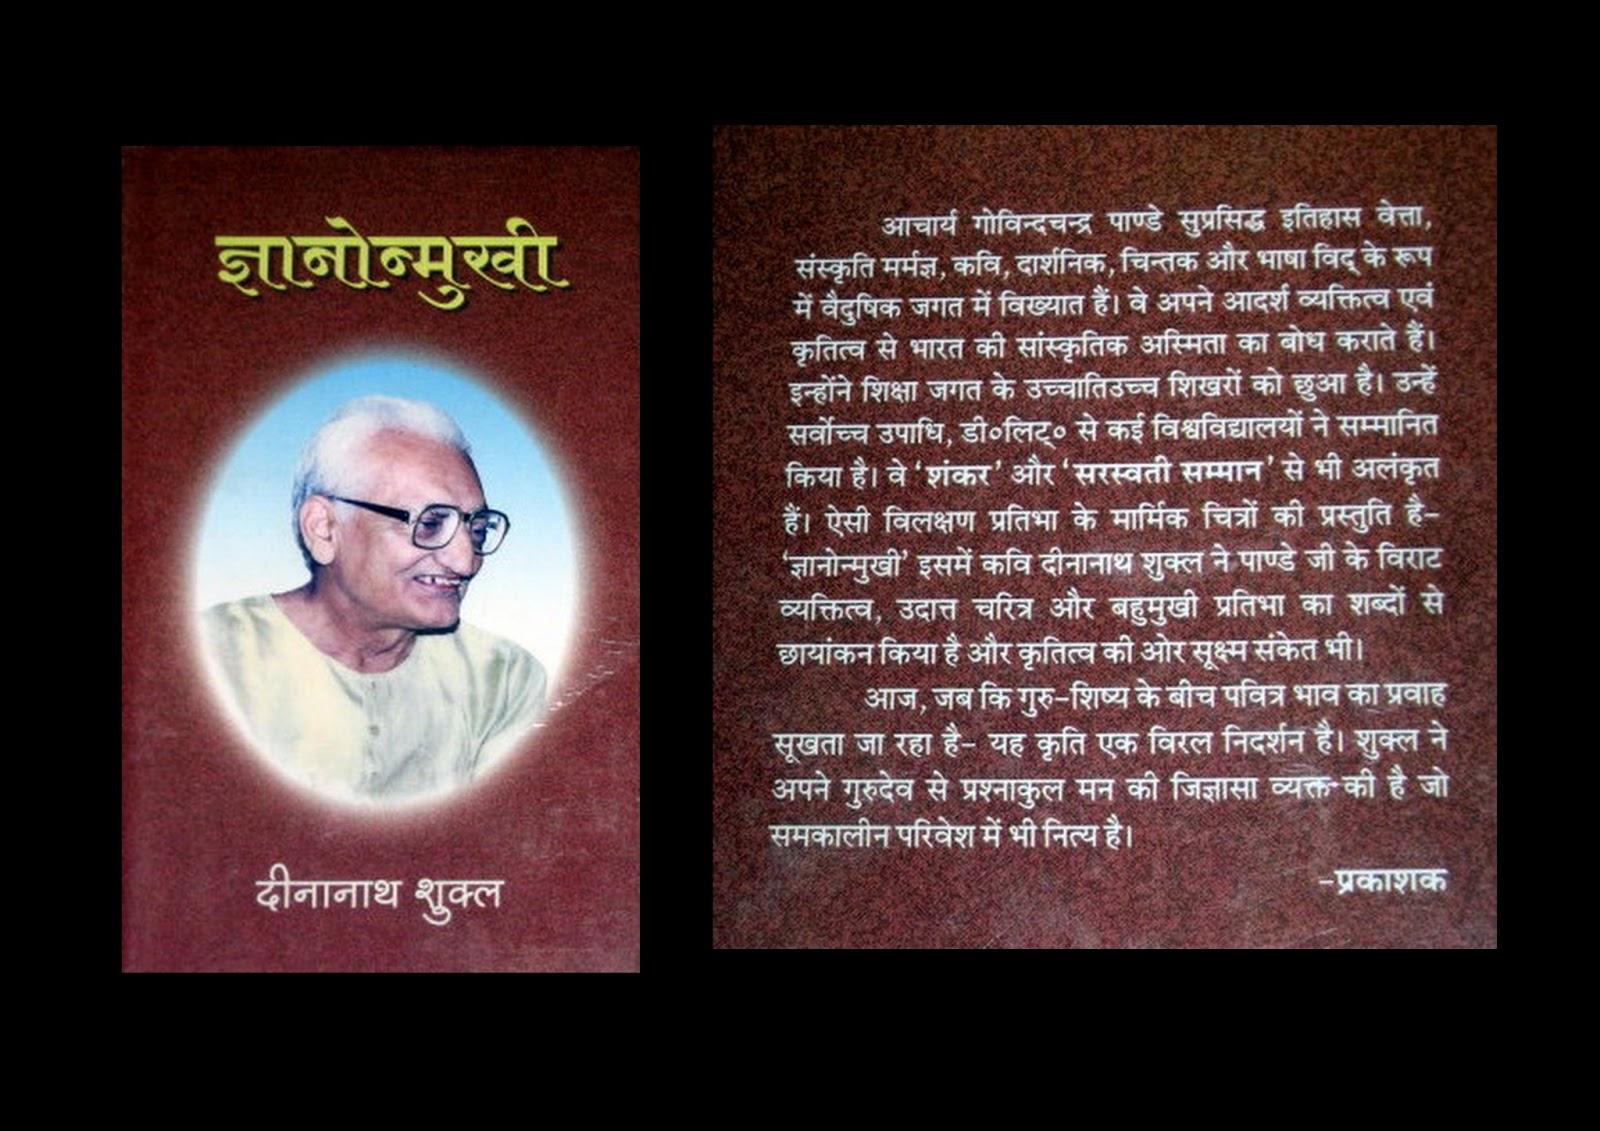 vigyan aur jeevan Dainik jeevan main rasayan vigyan by gopinath shrivastav in pdf format for more hindi science books click here हिंदी किताबो के बारे में latest update पाने के लिए हमारे फेसबुक पेज को like करे like करने के लिए यहाँ click करे.